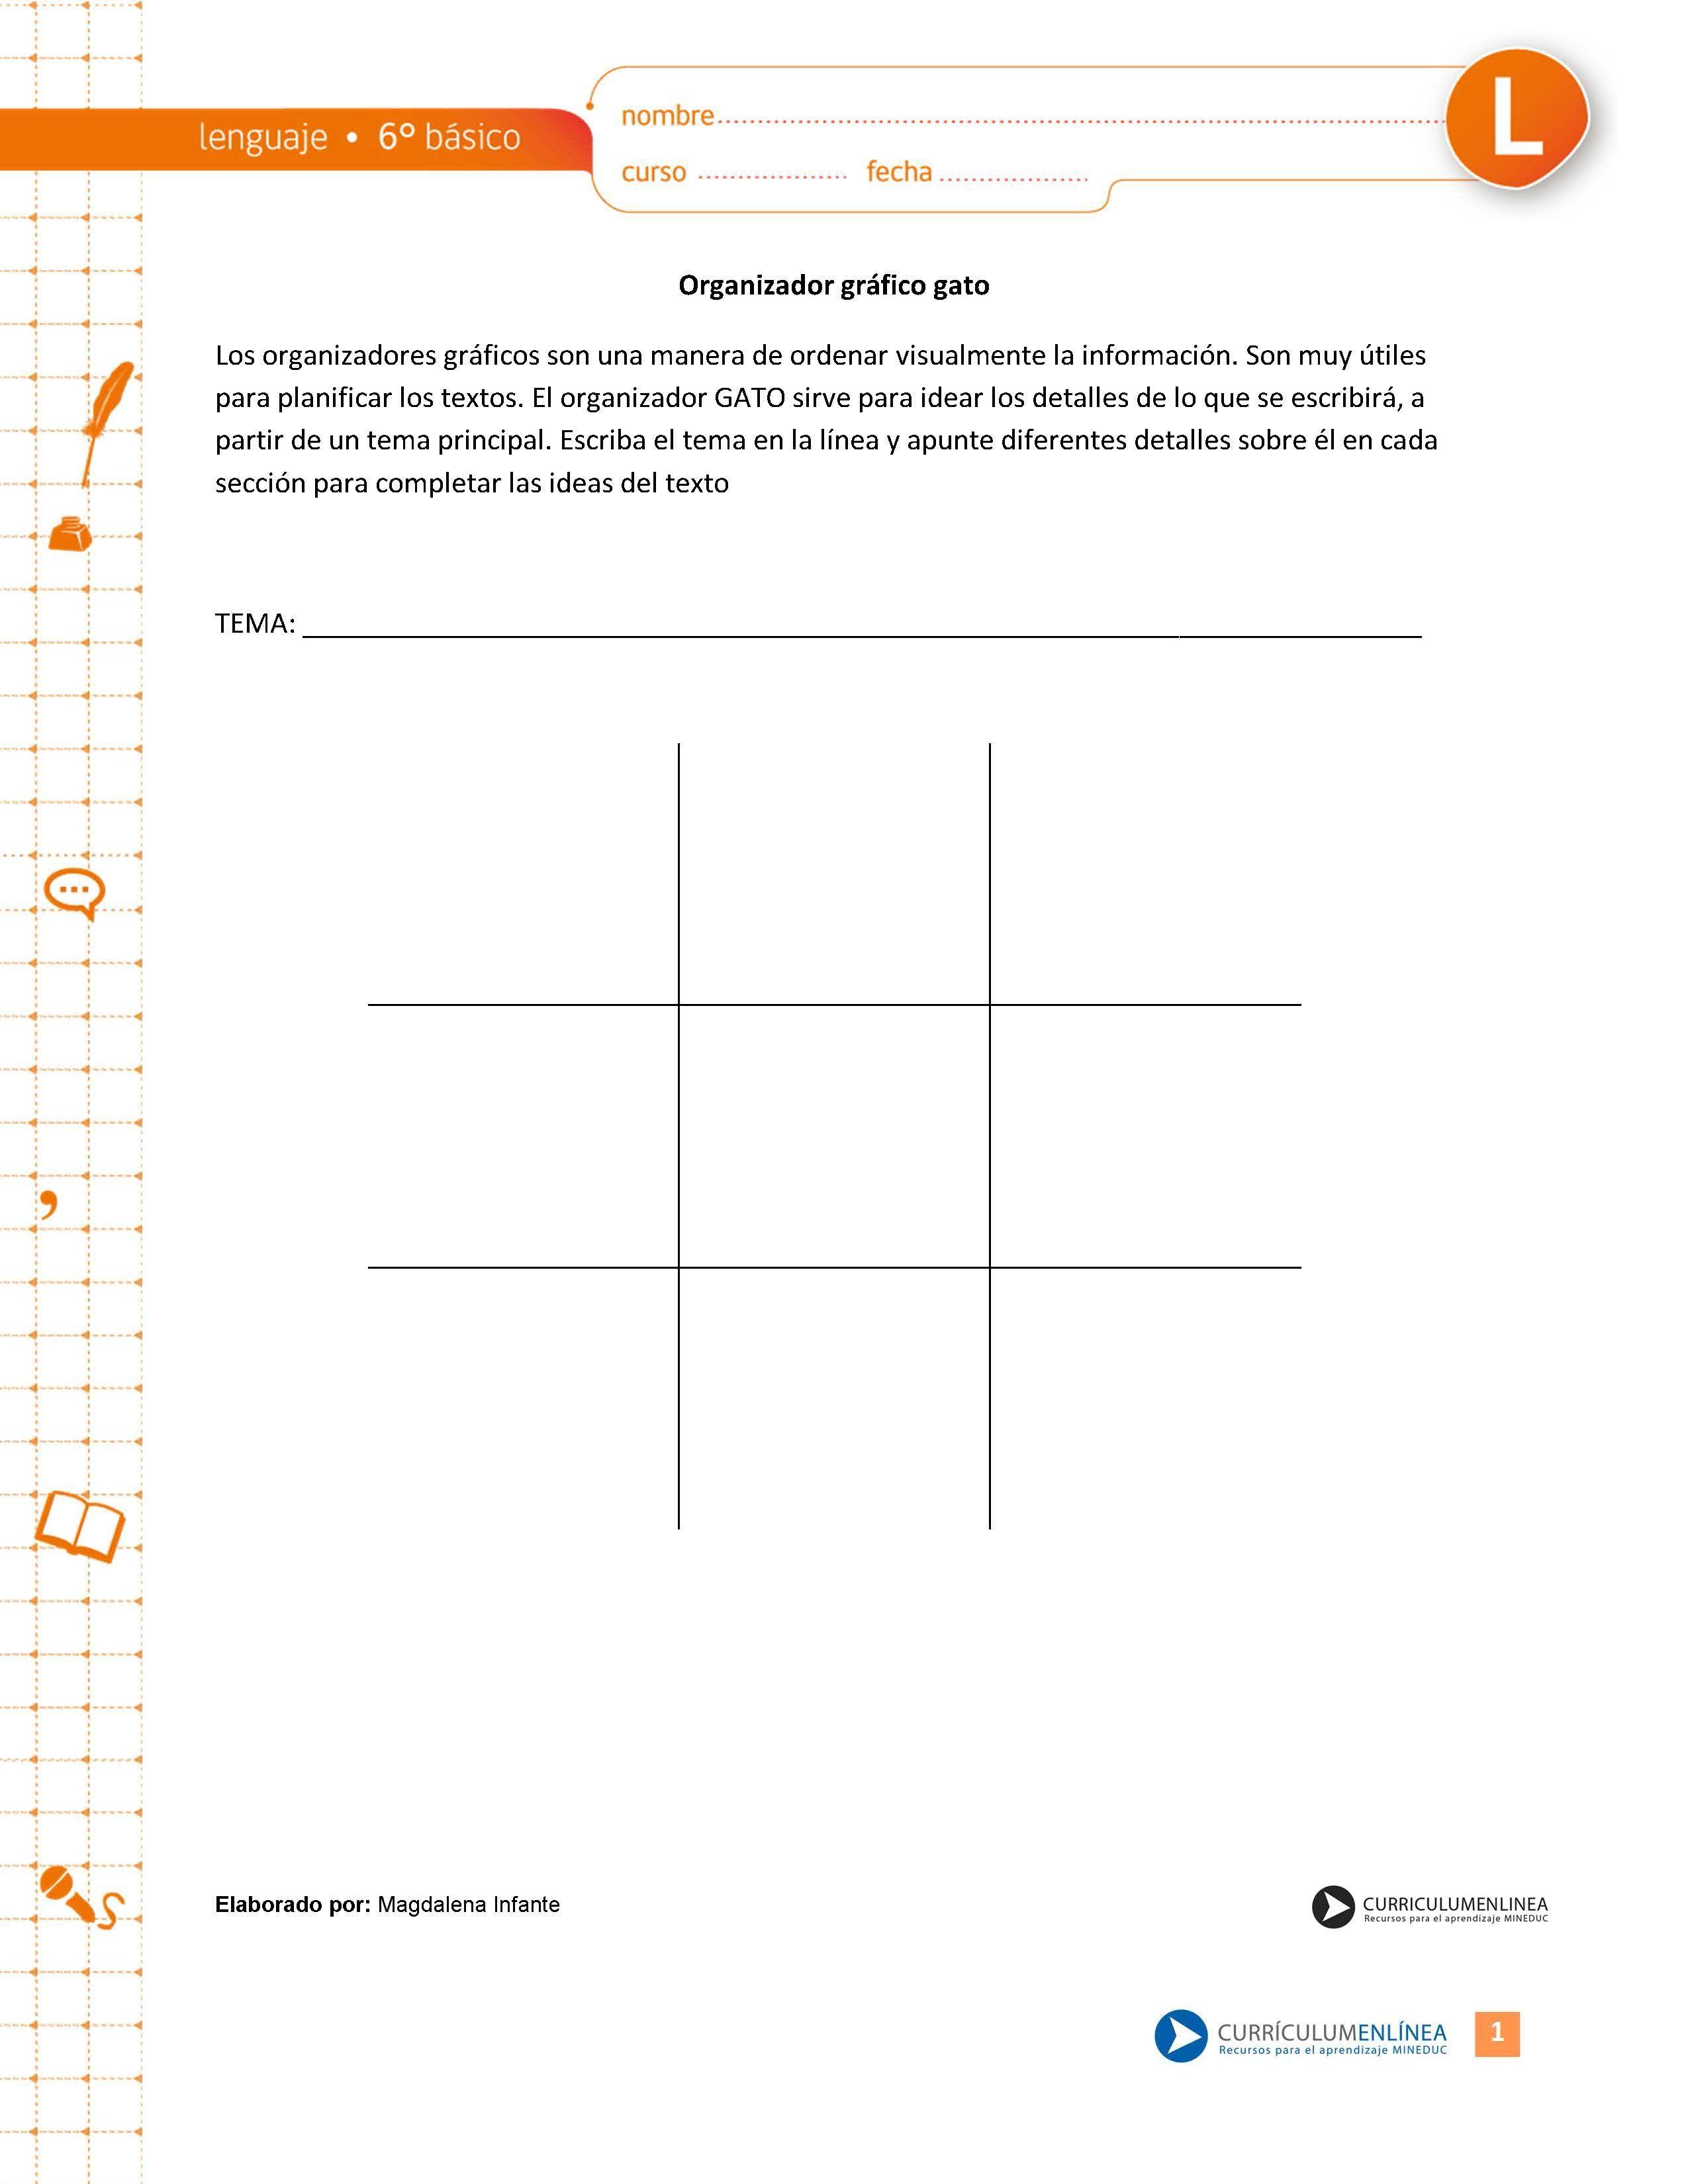 Planificar la escritura: organizador gráfico de gato | ORG GRAF ...